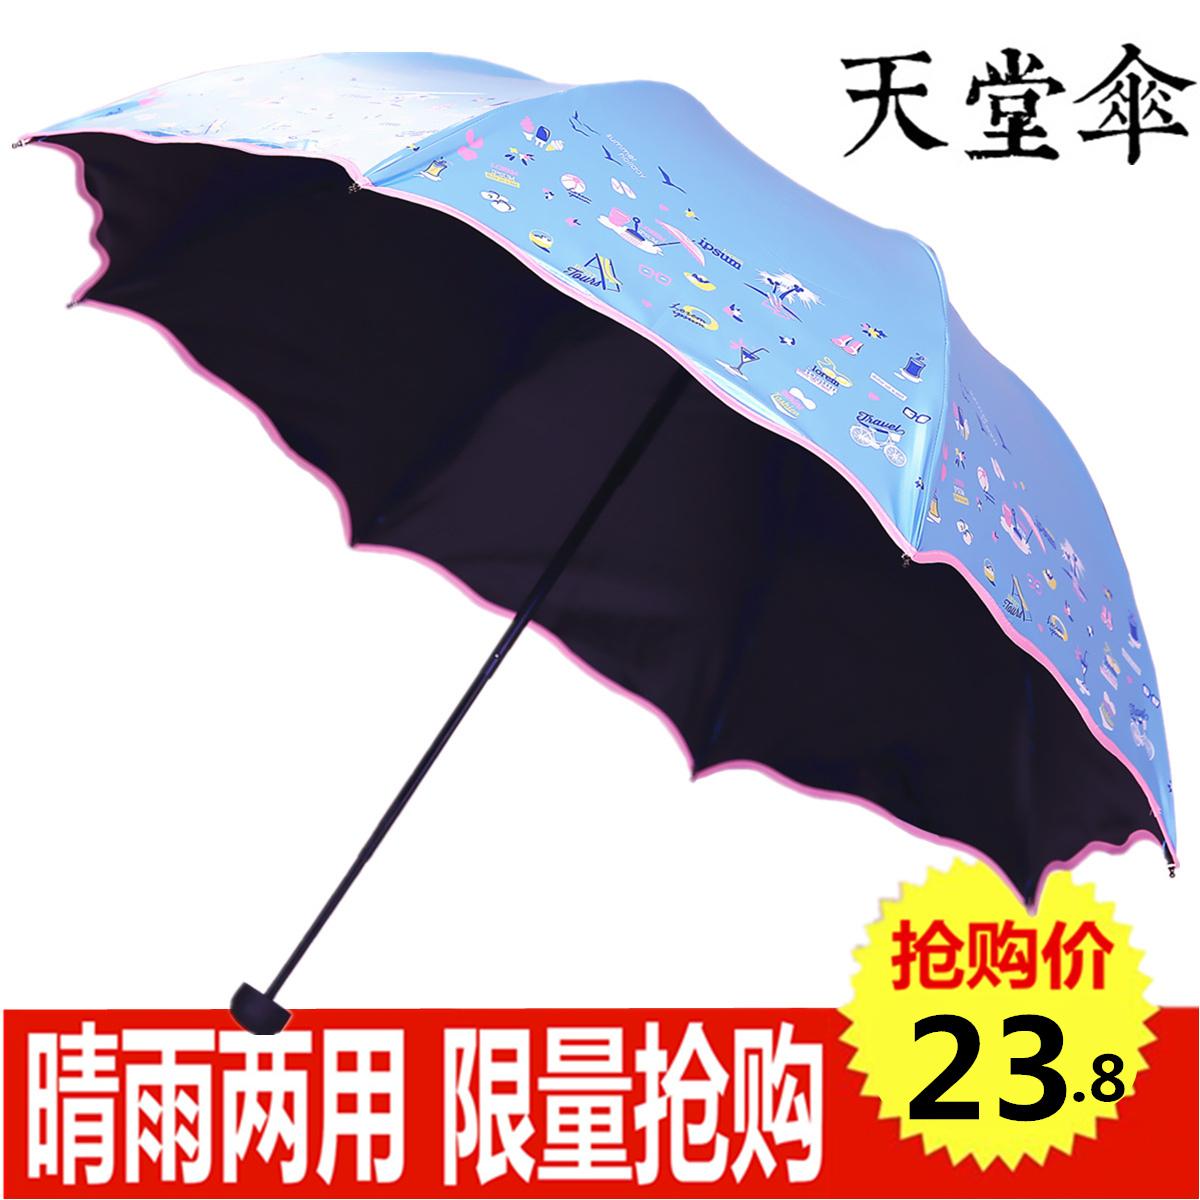 防紫外线黑胶雨伞